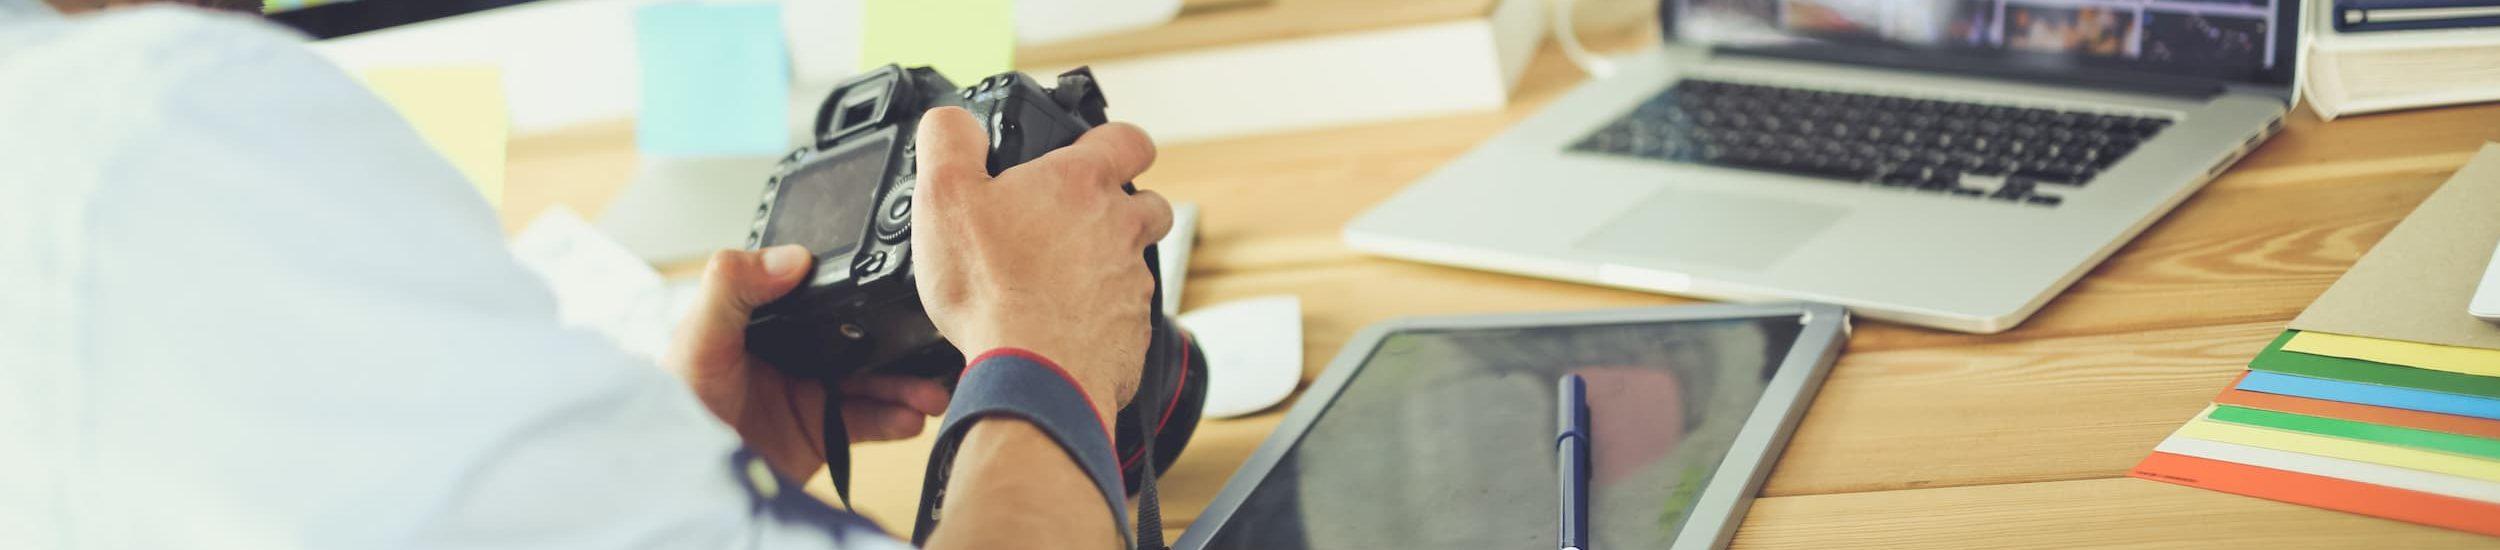 Архівні послуги для бізнесу фото